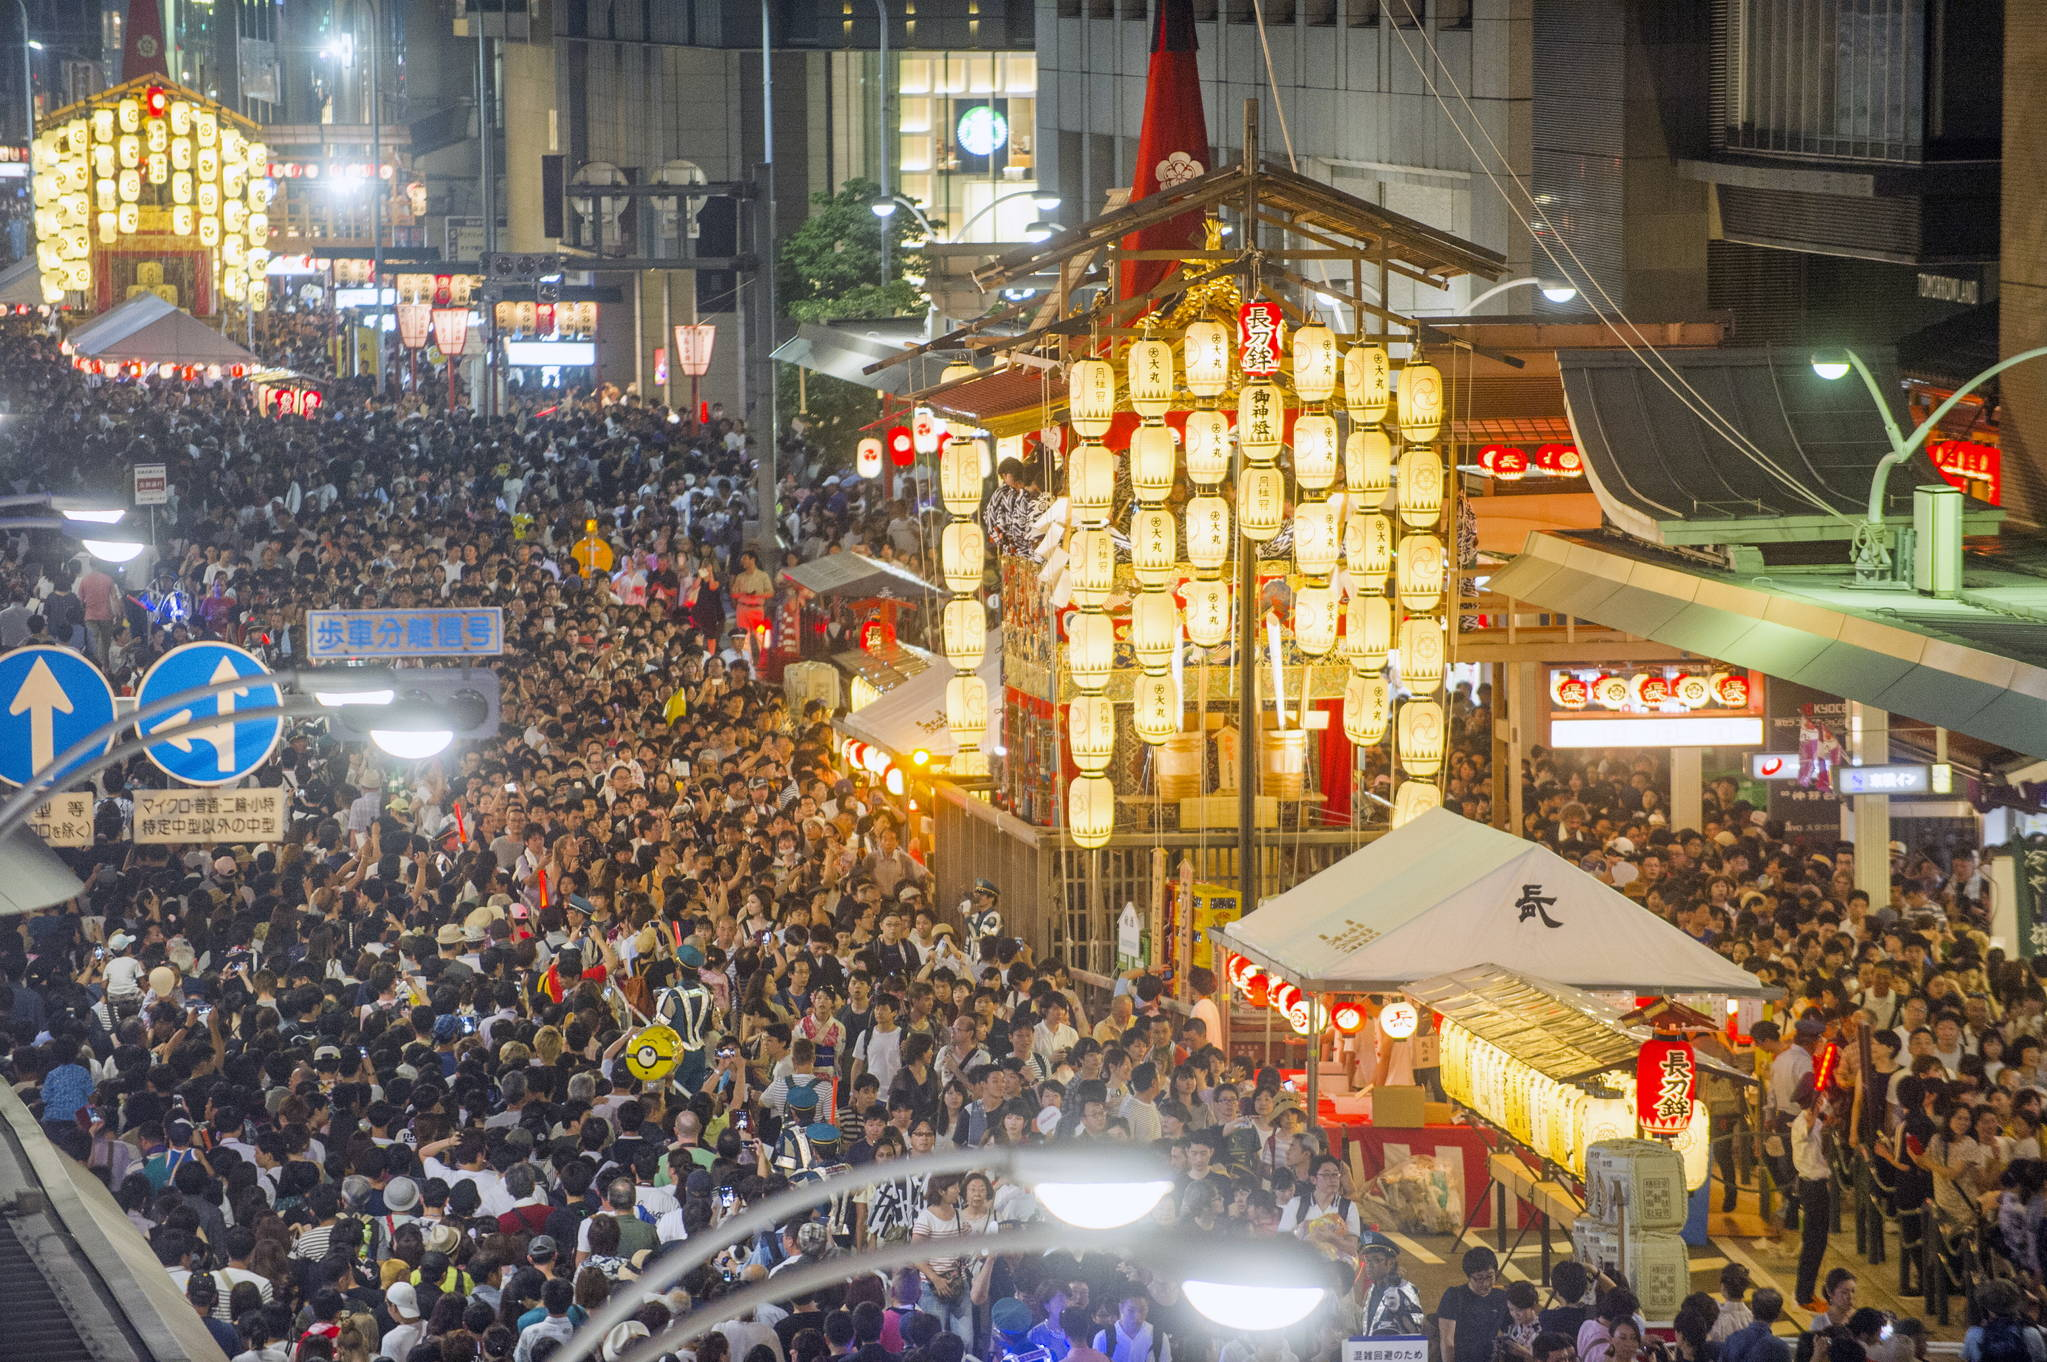 일본 3대 축제로 꼽히는 '기온 마쓰리'가 교토에서 열렸다. 시민들과 관광객들이 지난 15일 축제의 메인 이벤트 격인 야마보코 순행의 전야제인 '요이야마'를 즐기고 있다. 현지 언론에 따르면 해마다 100만명 이상의 관광객들이 이 축제를 즐긴다. [EPA=연합뉴스]